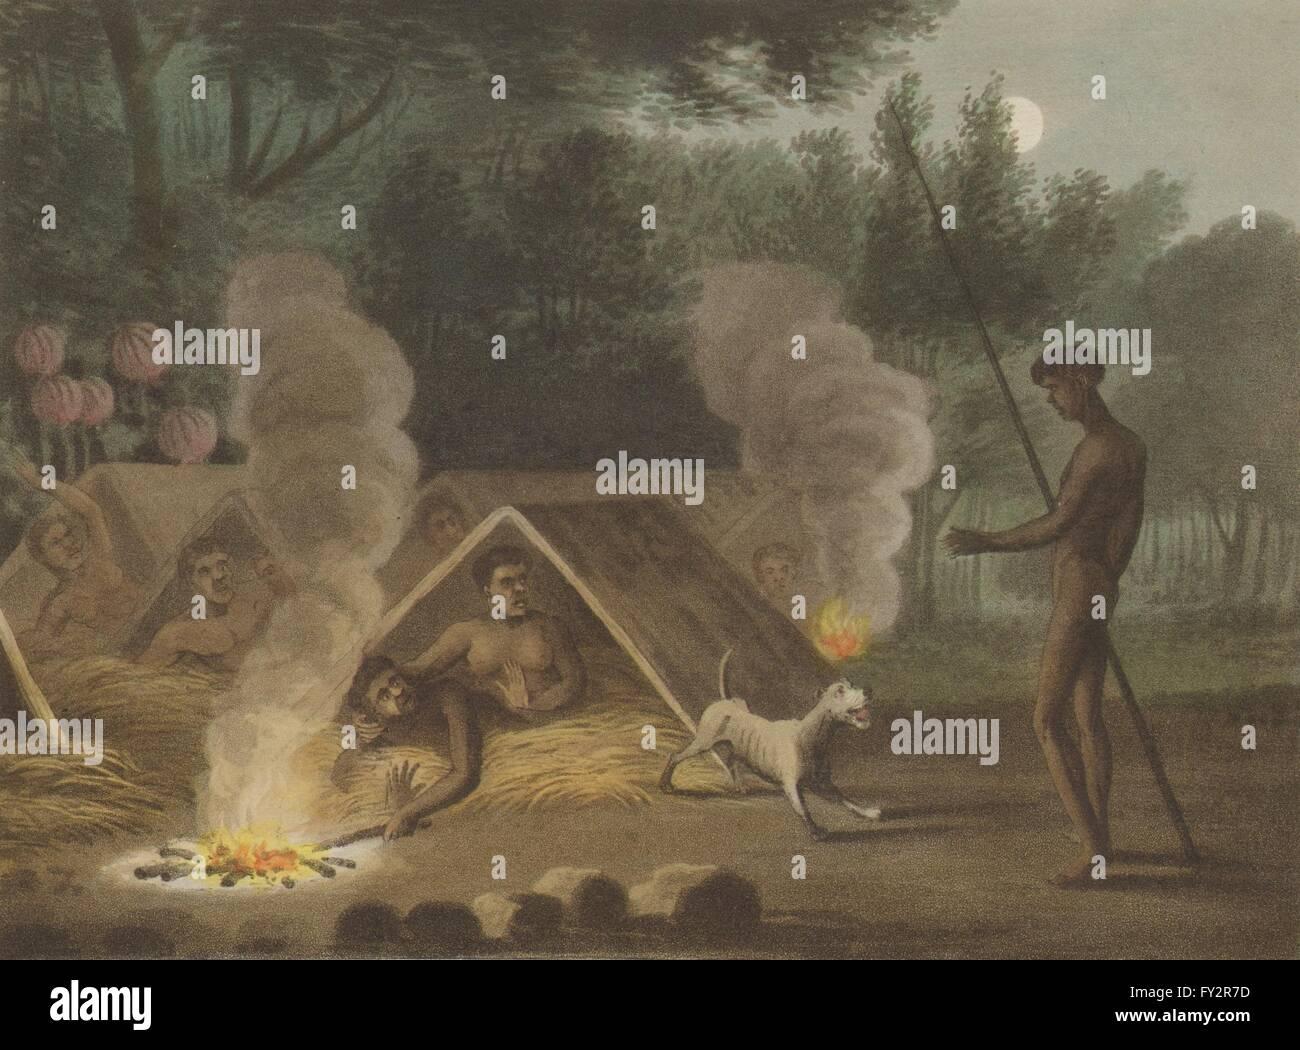 Australien-ABORIGINES: Ruhe Erholung Entspannung. Hütten. Hund. NSW ...